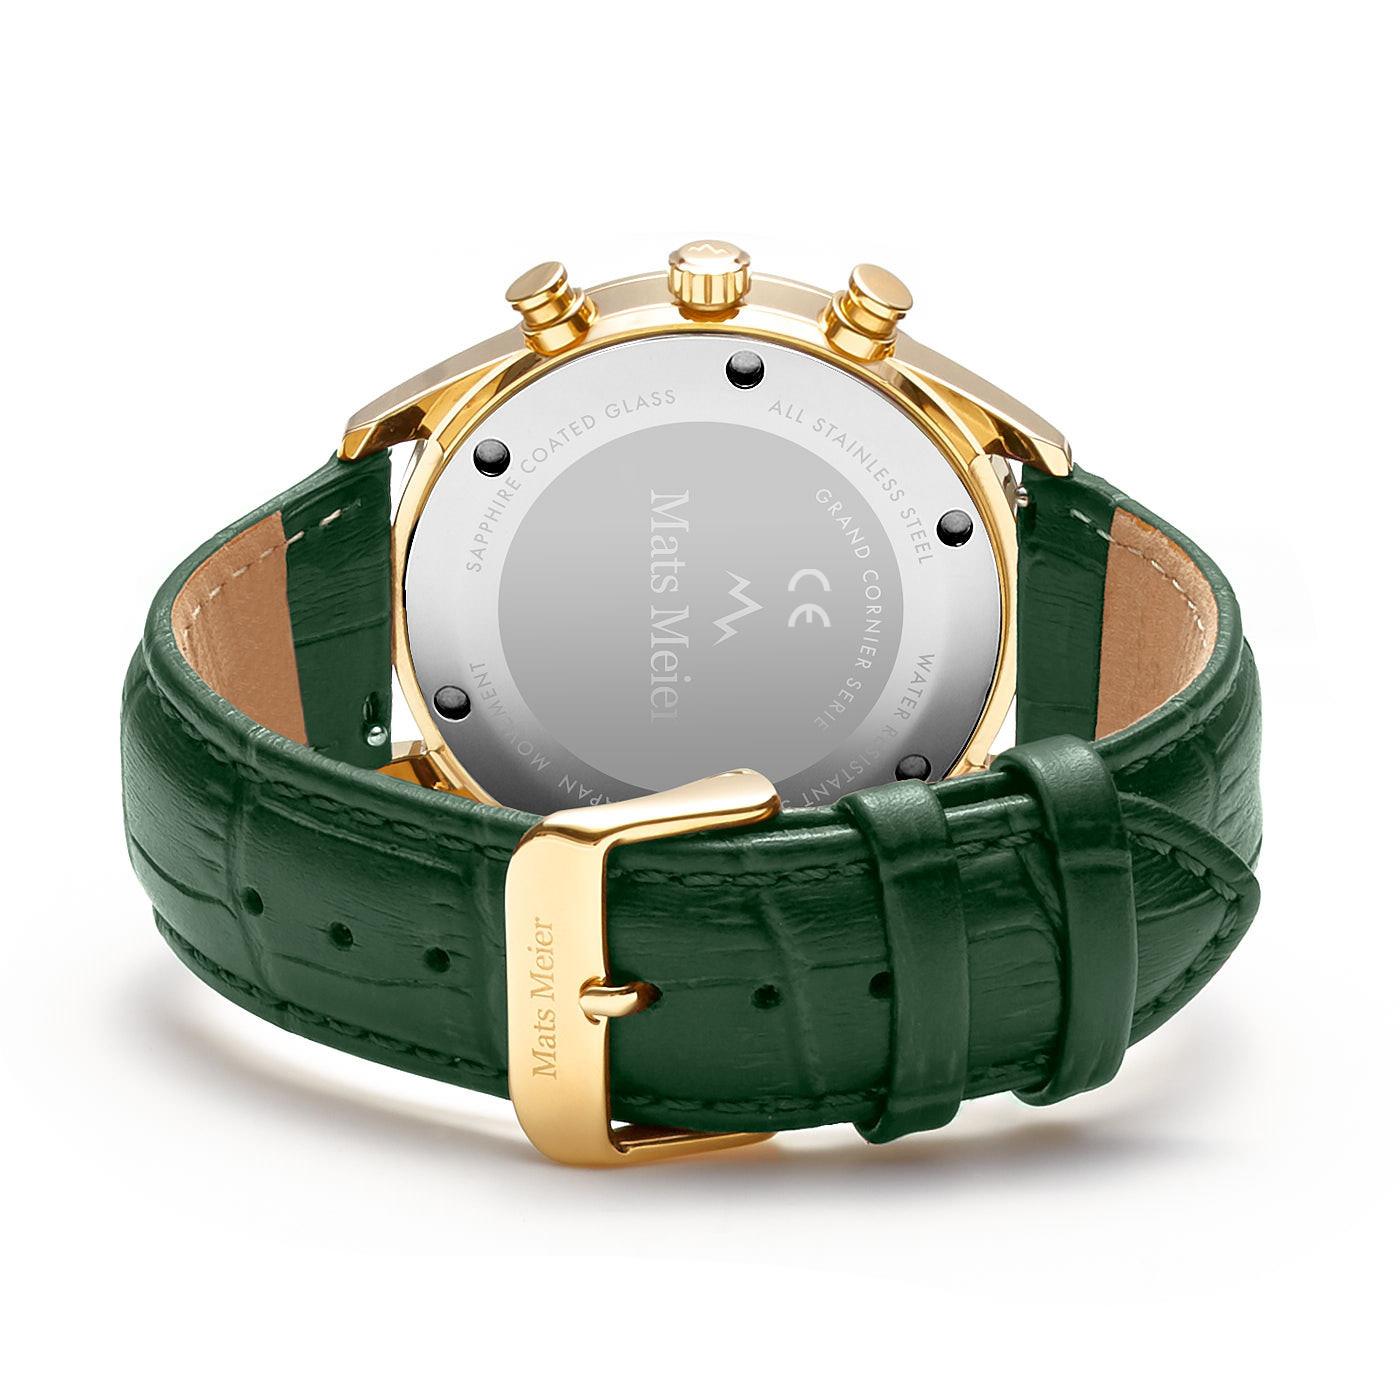 Mats Meier Grand Cornier chronograph mens watch green / gold colored